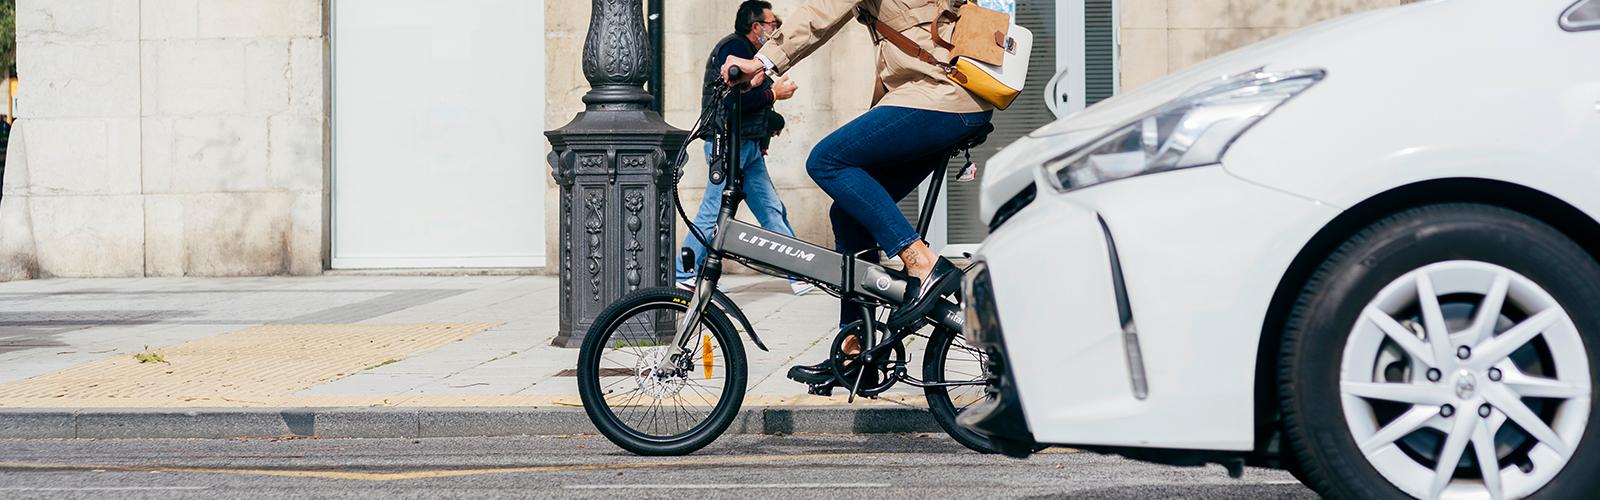 Nueva normativa para adelantar a los ciclistas